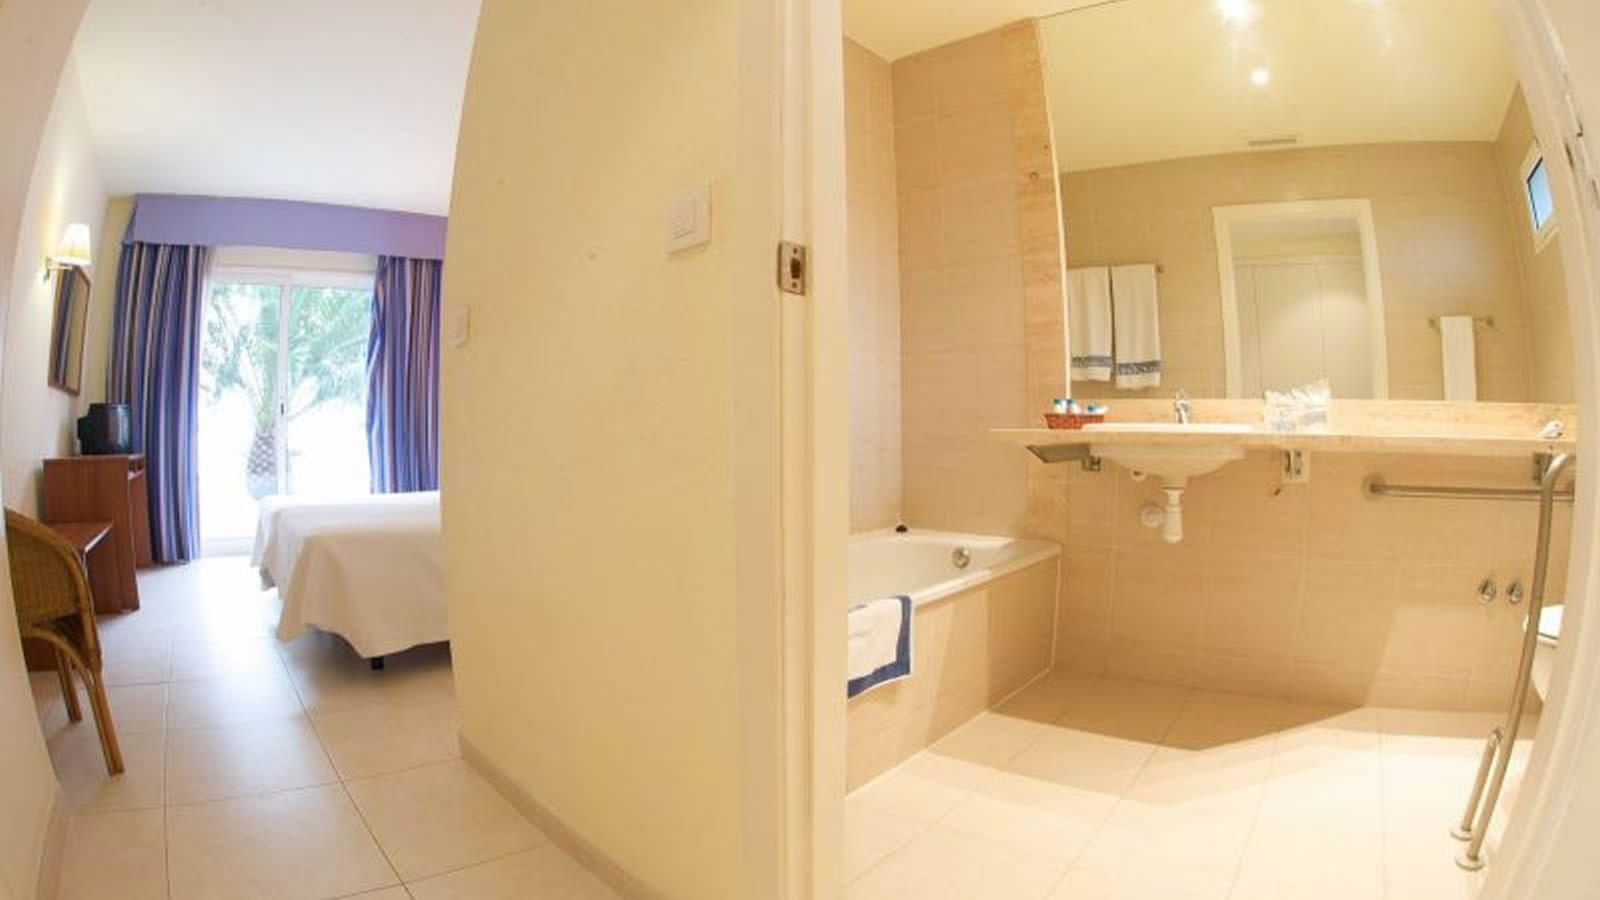 Chambres handicapés de l'Hotel Carlos Tercero a Alcanar- Sant Carles de la Ràpita- Delta de l'Ebre